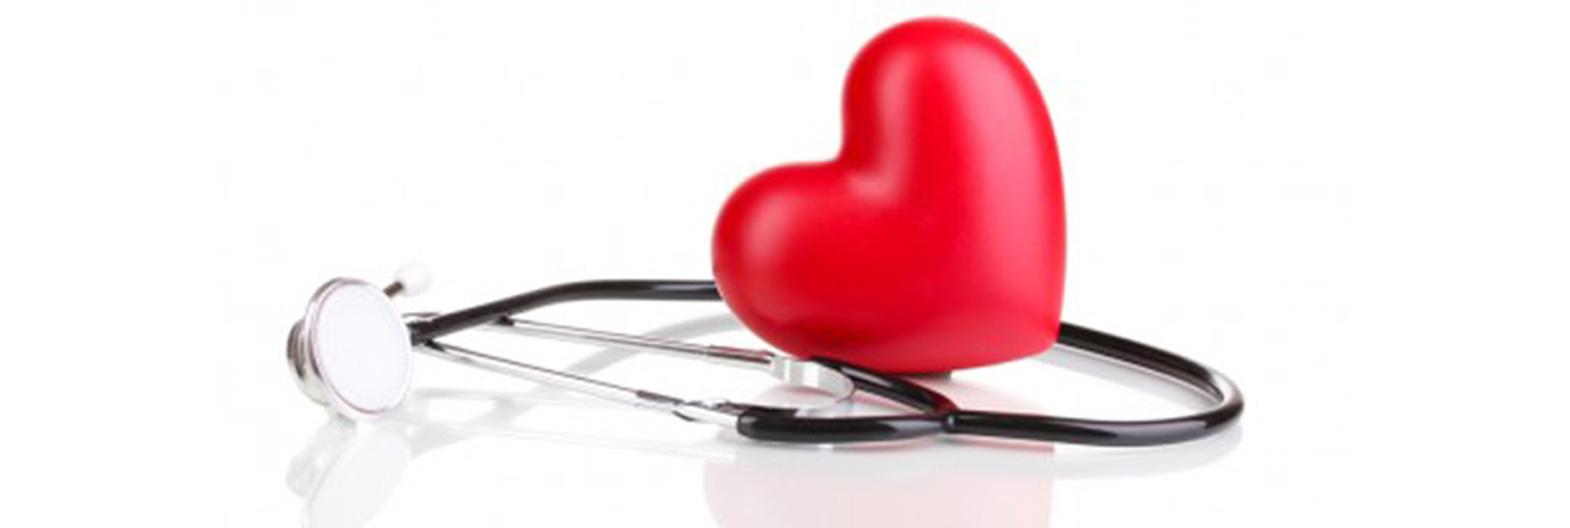 hipertenzija kas tai trumpai)